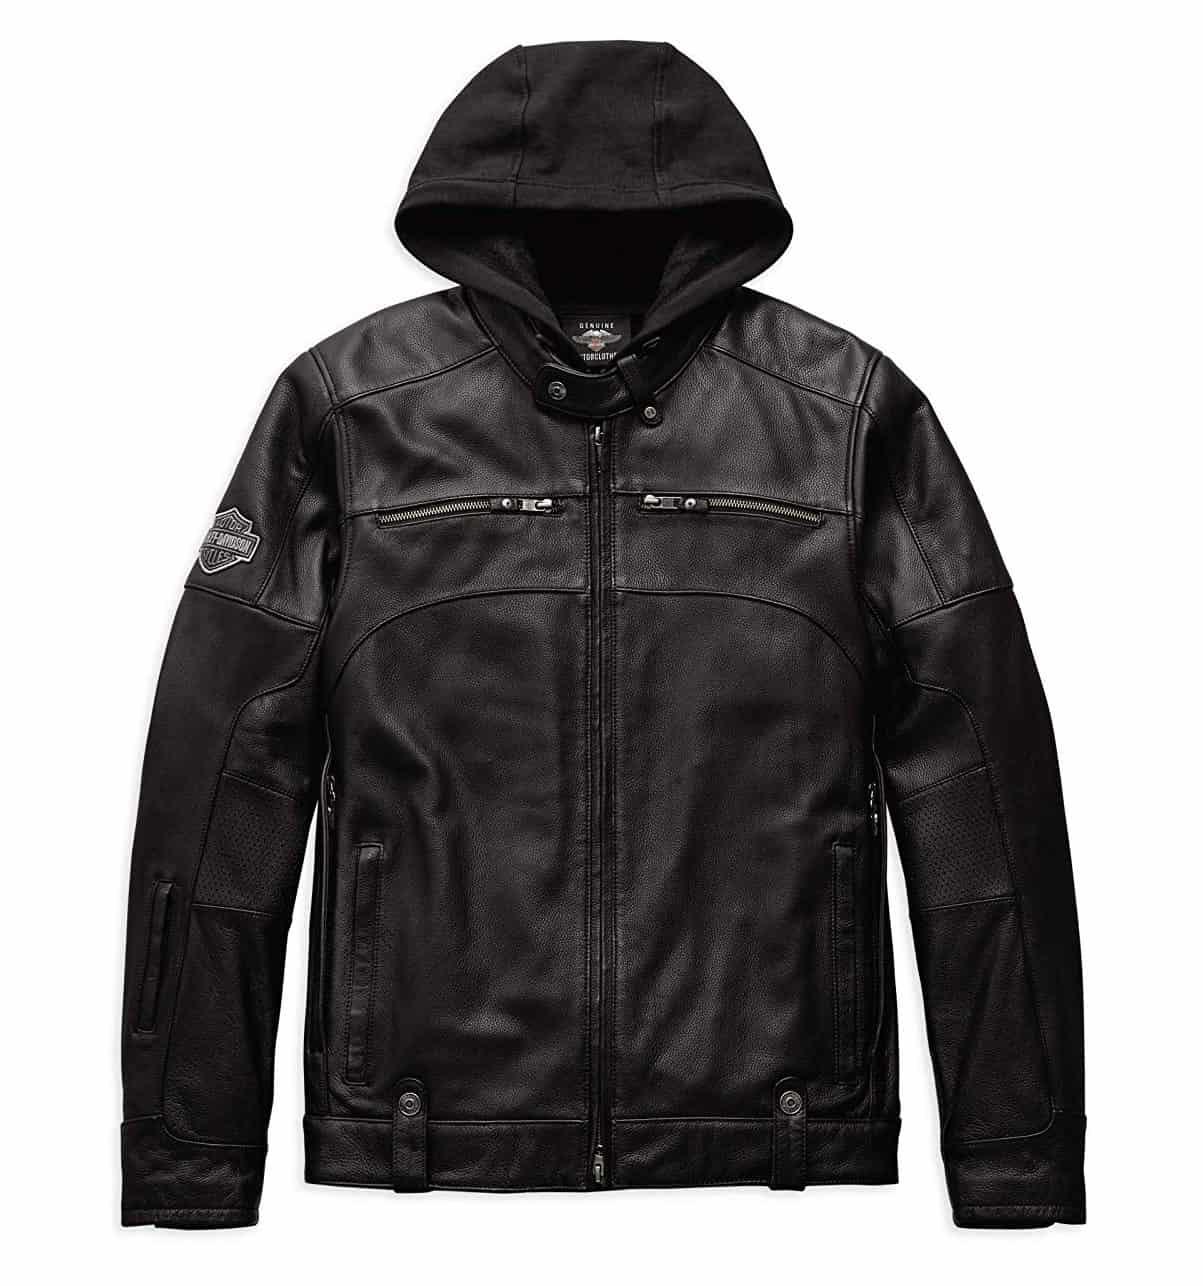 Men Hoodies Harley-Davidson Swingarm 3-in-1 Leather Jacket